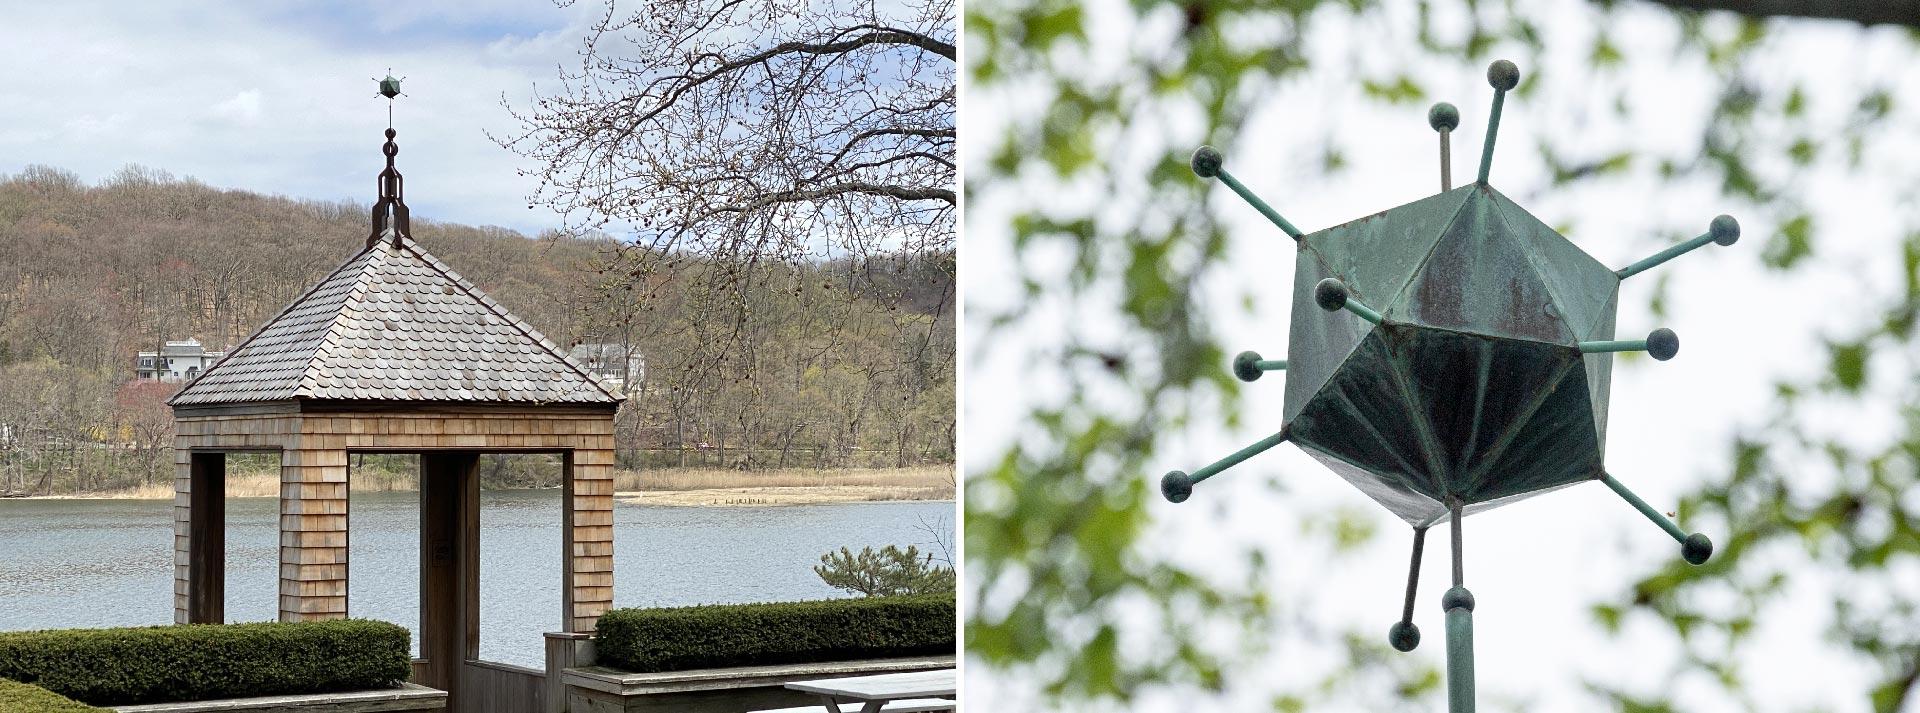 photos of the CSHL adenovirus weathervane atop the gazebo